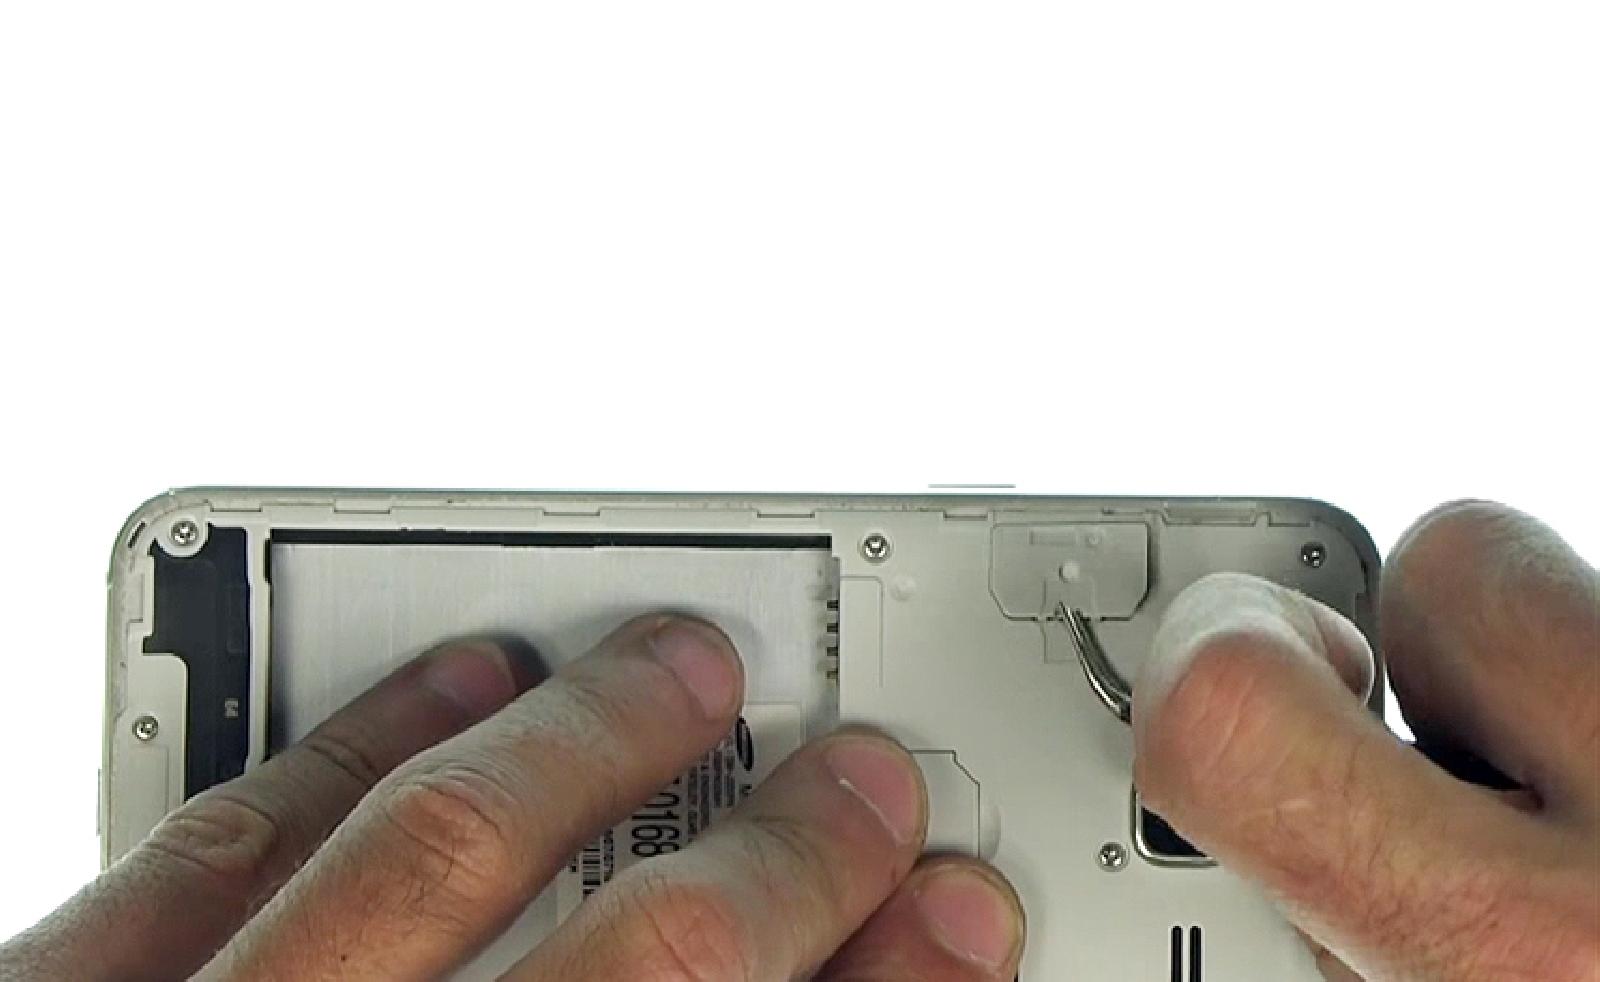 Etape 3 : Déconnecter le connecteur de l'écran